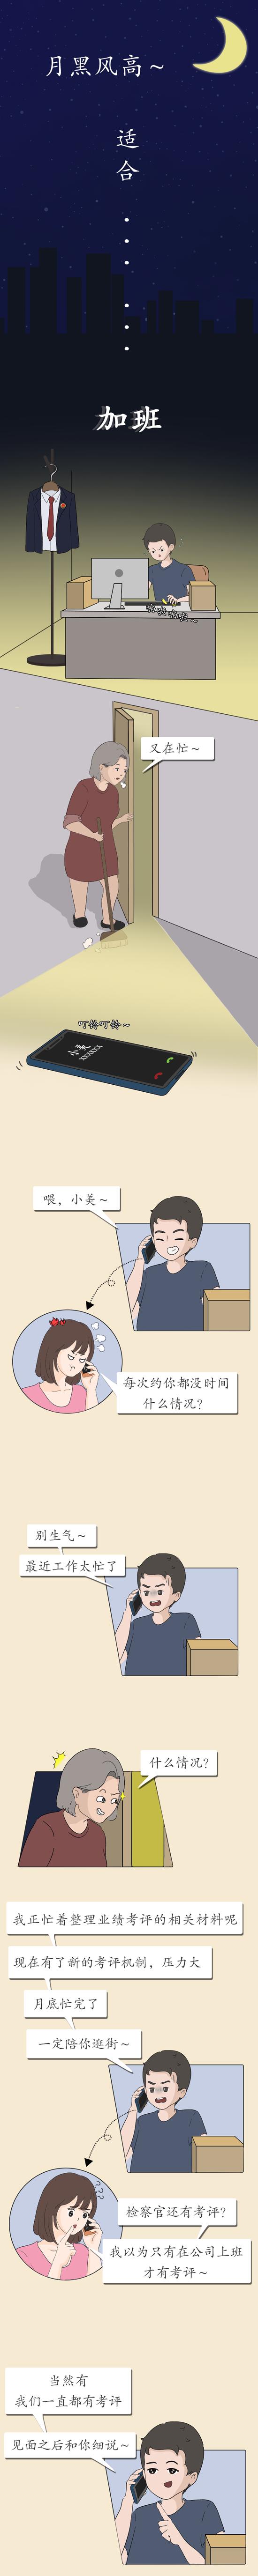 【漫画检察】业绩考评和女友,只能二选一?统统都要!